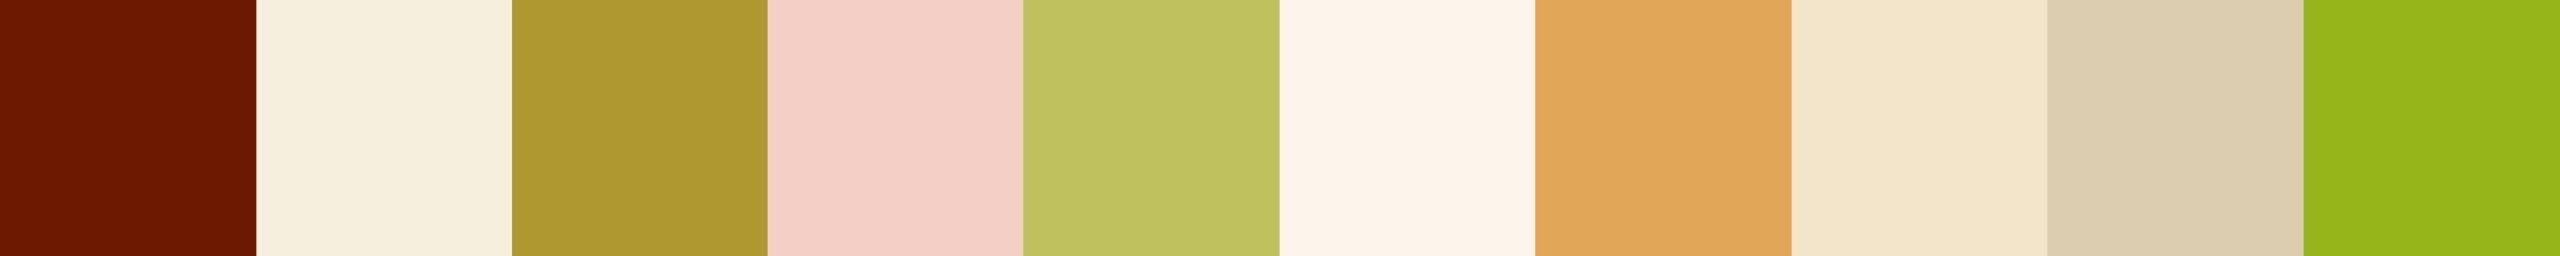 764 Droppia Color Palette